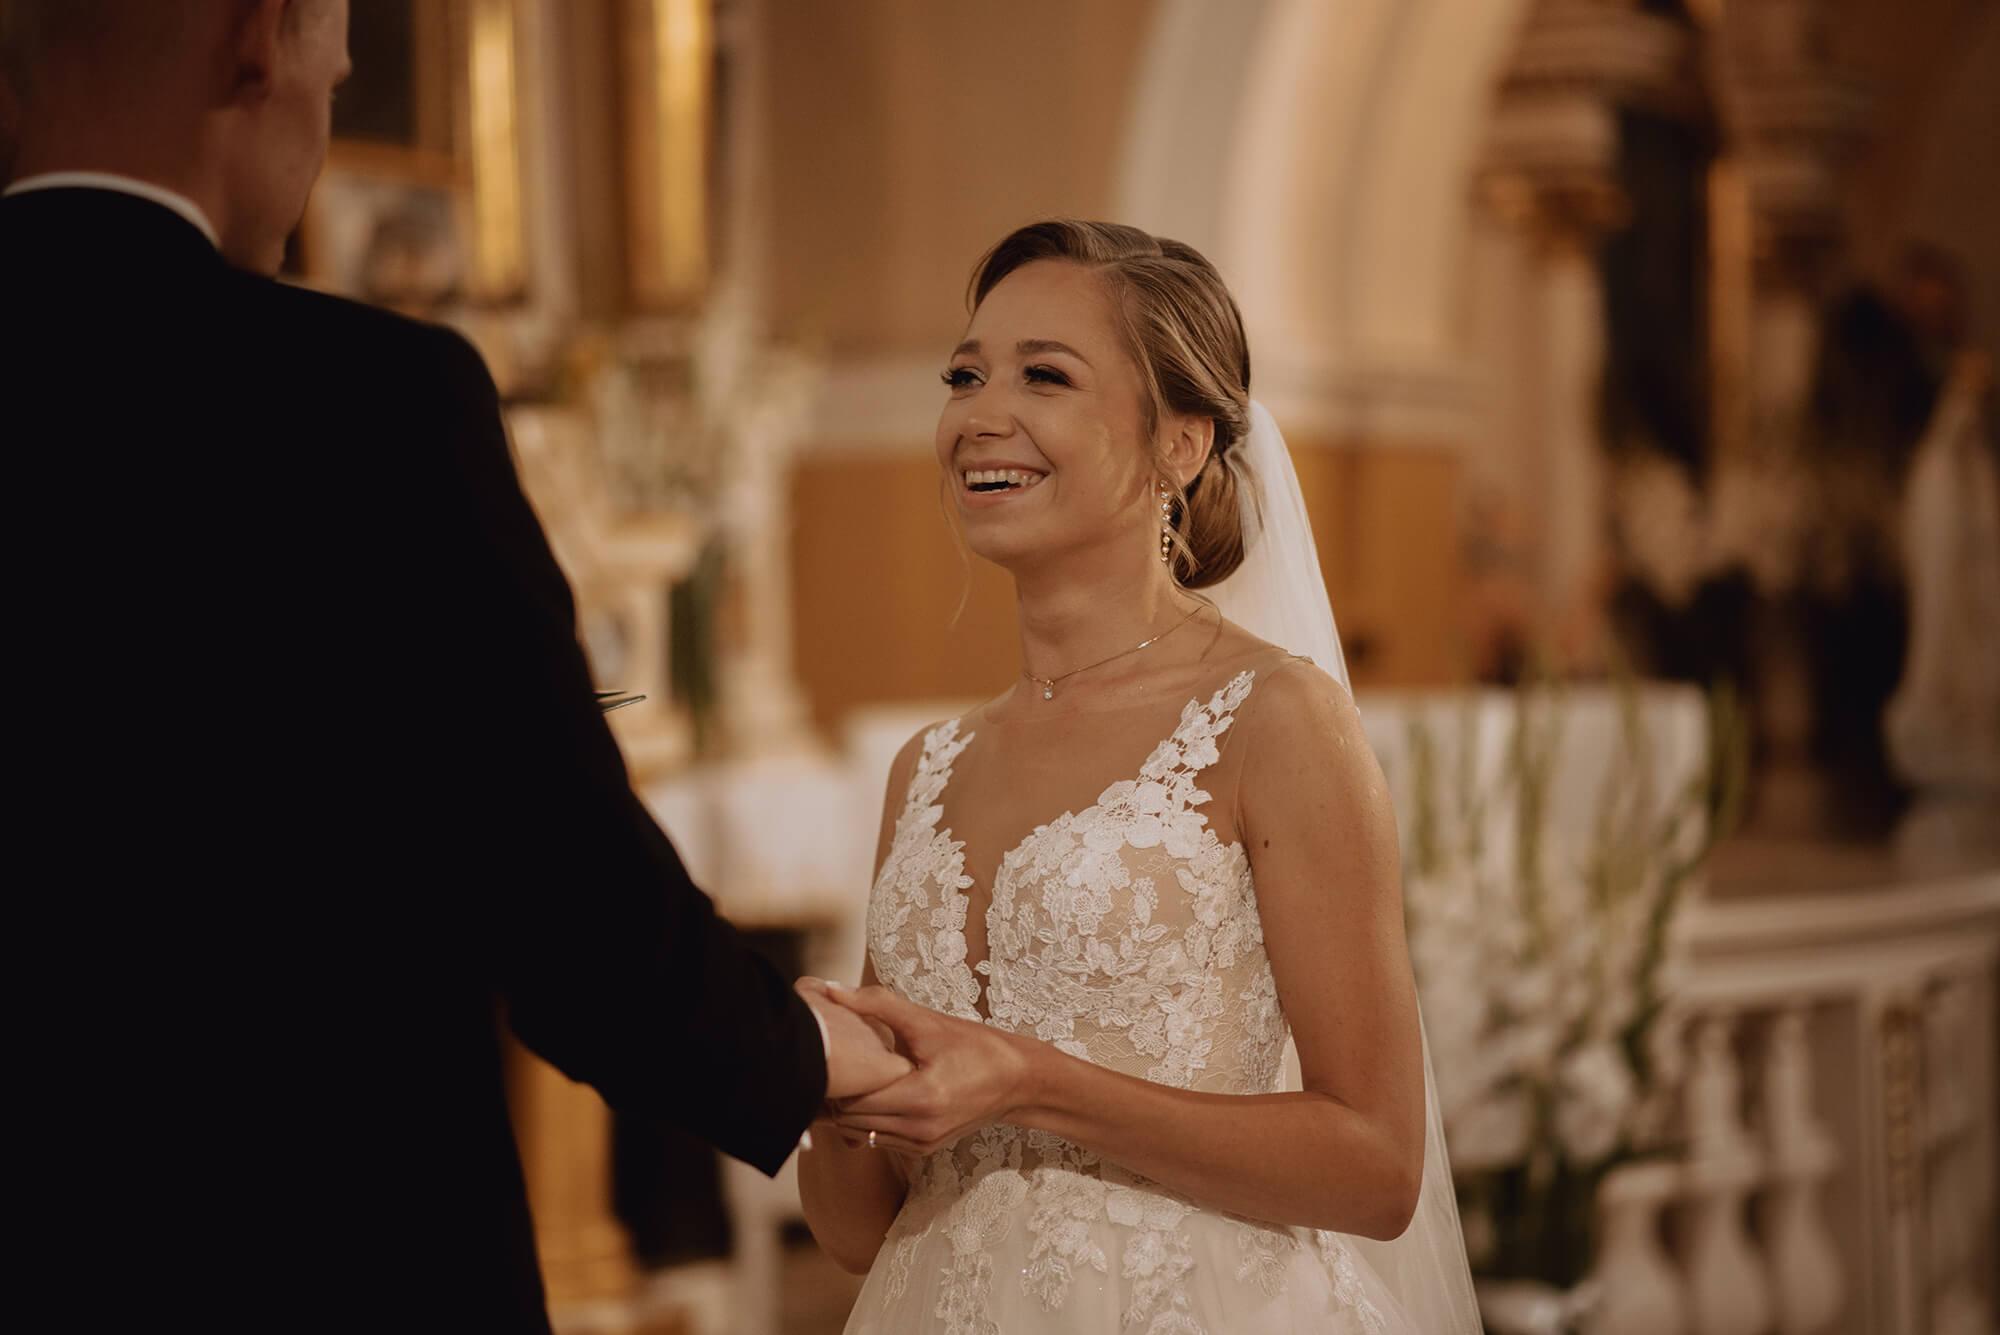 Slub wesele w dworze Hulanka00020 - Ola + Maciej | wesele w Dworze Hulanka